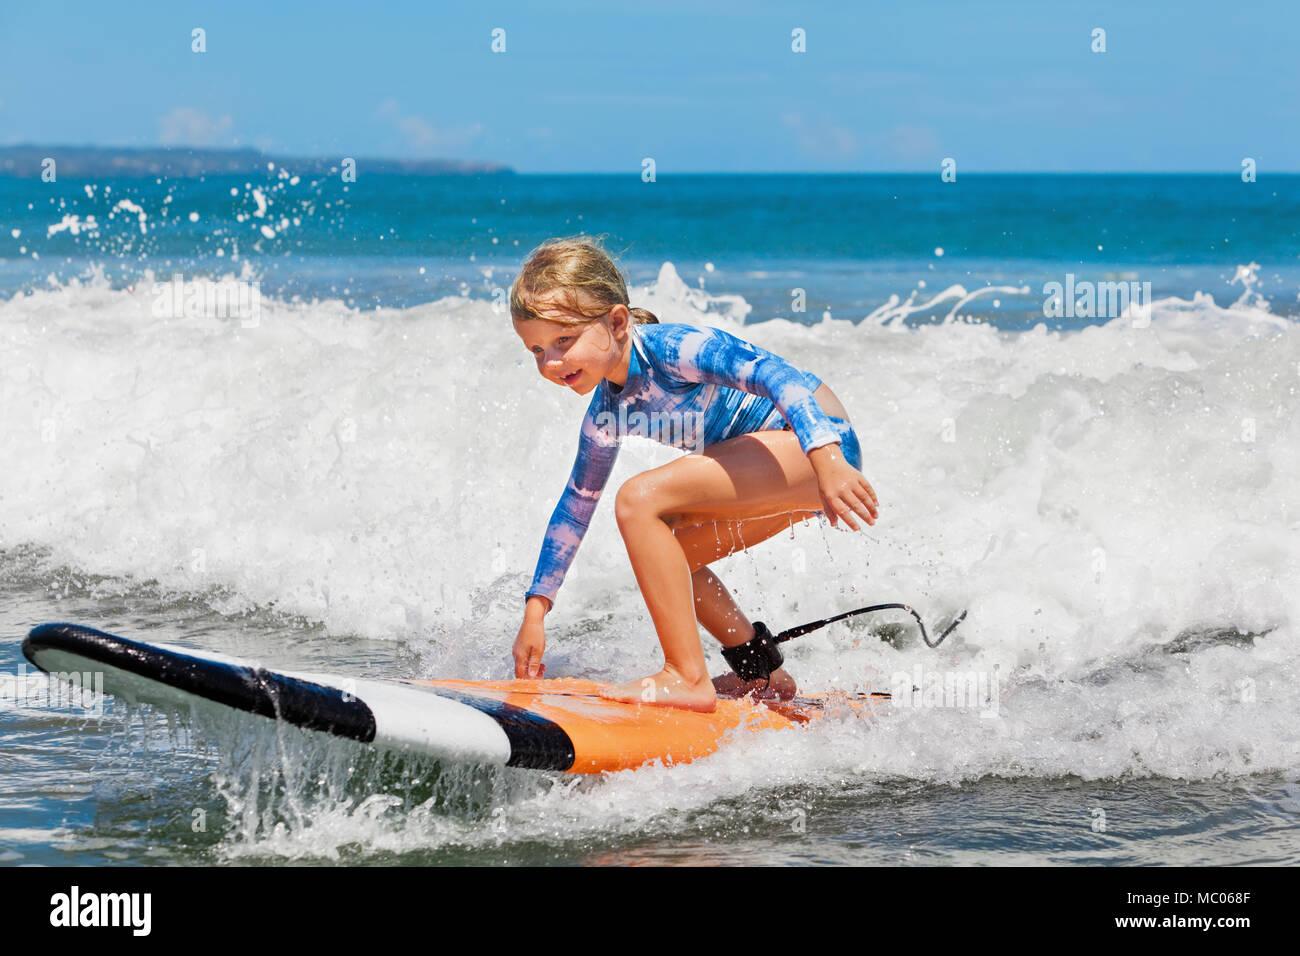 Niña feliz - joven surfista paseo en tablas de surf con diversión en Mar Ola activo estilo de vida familiar, los niños piscina deporte acuático lecciones y actividades en la playa Imagen De Stock